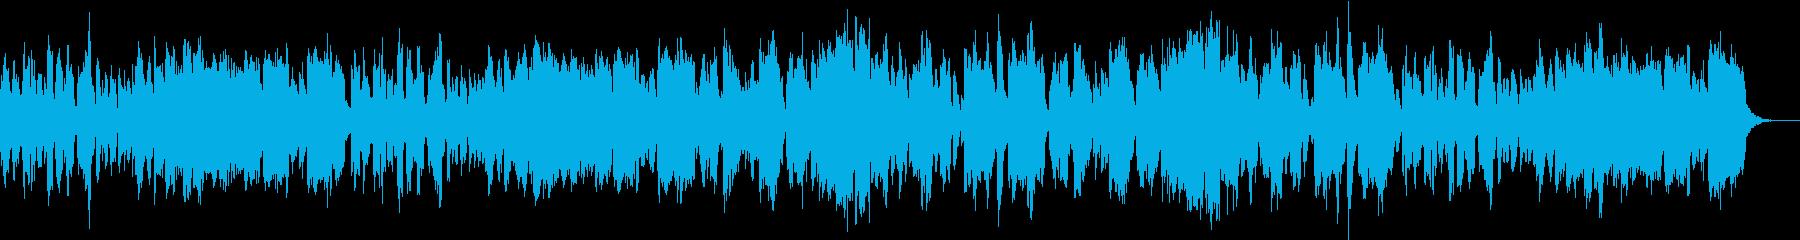 明るく軽快なトランペットのポップスの再生済みの波形